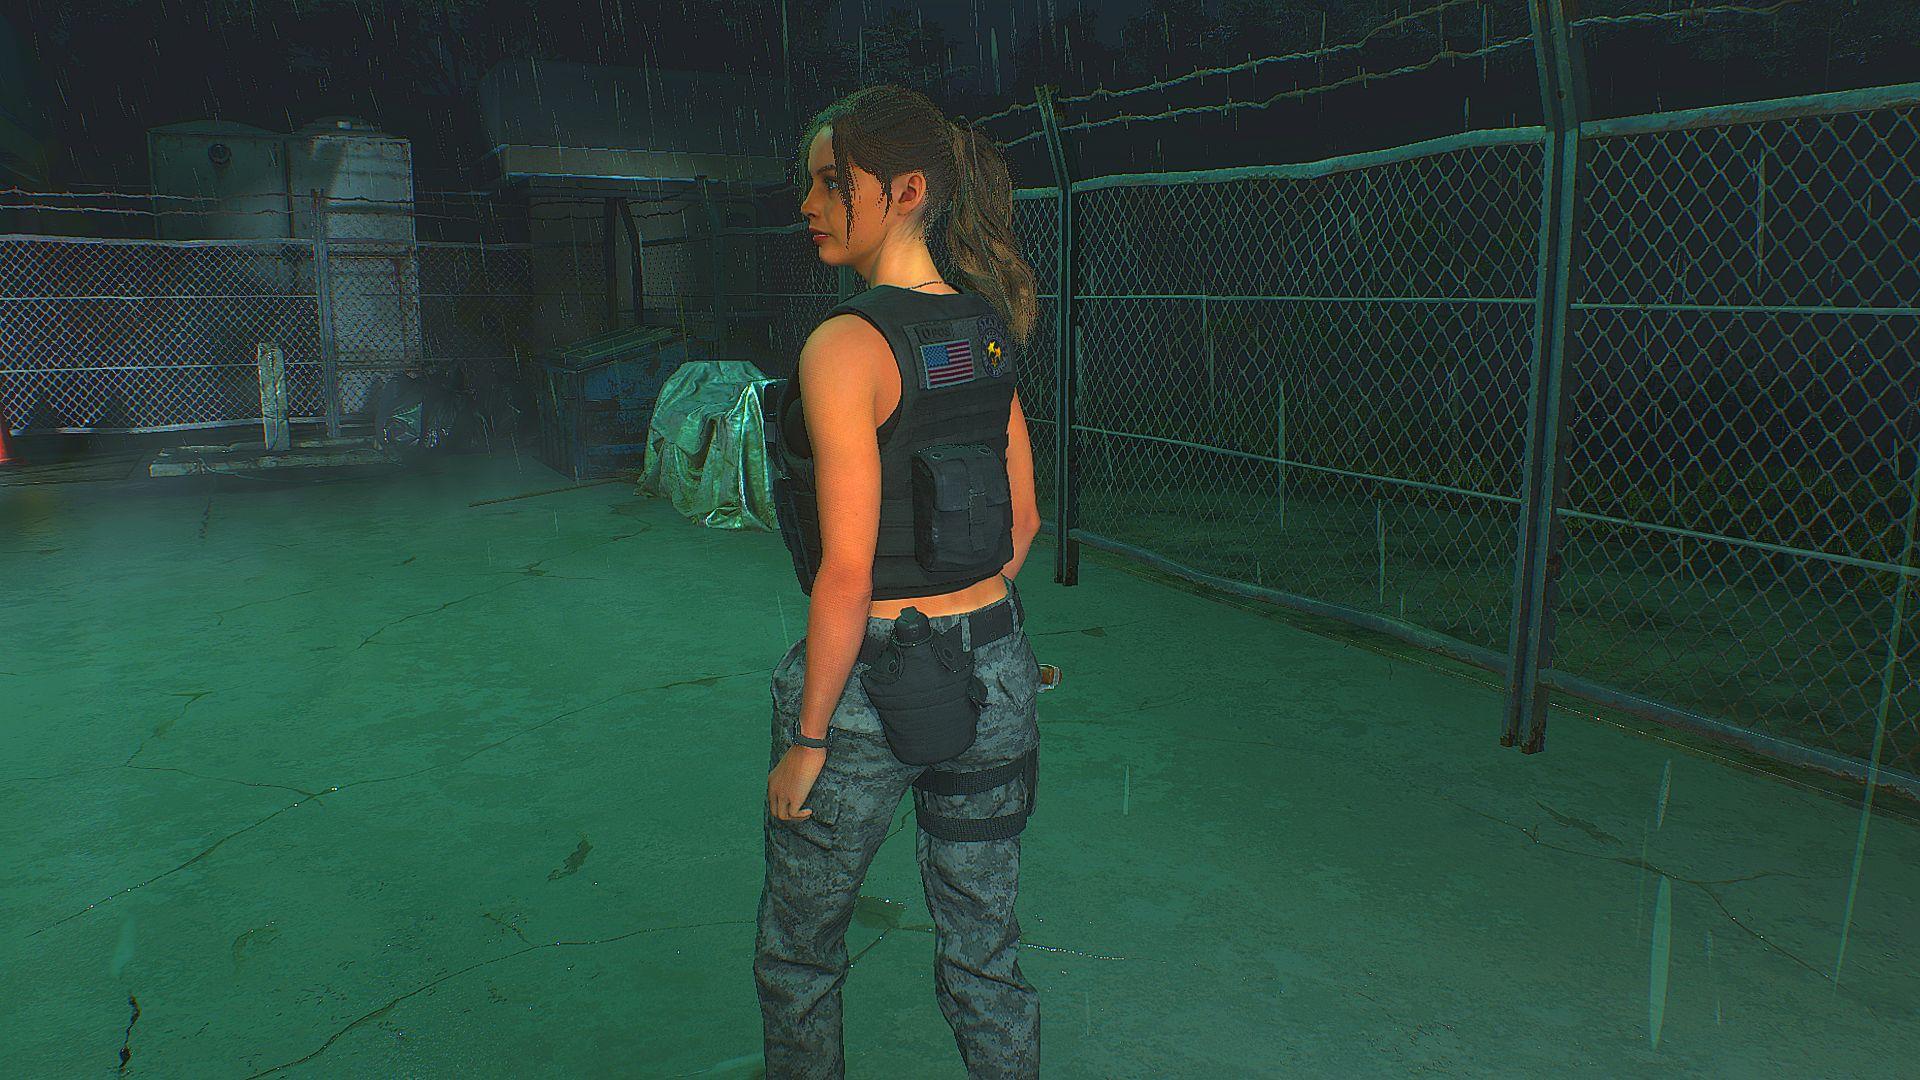 000187.Jpg - Resident Evil 2